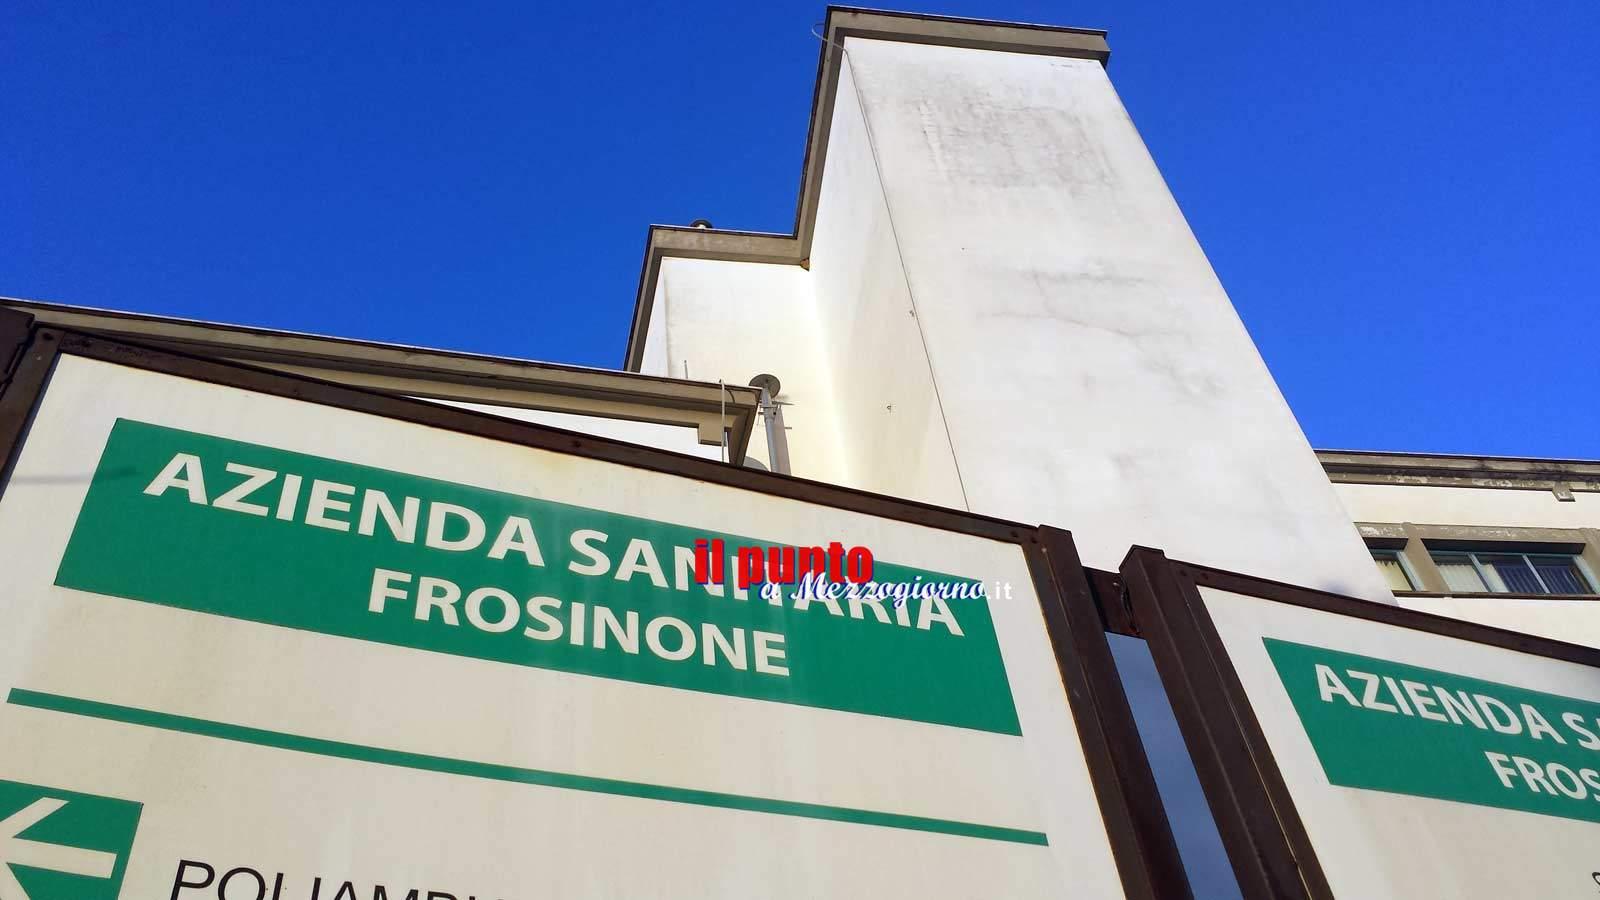 Piantonato in ospedale dalla Penitenziaria a Frosinone da 60 giorni